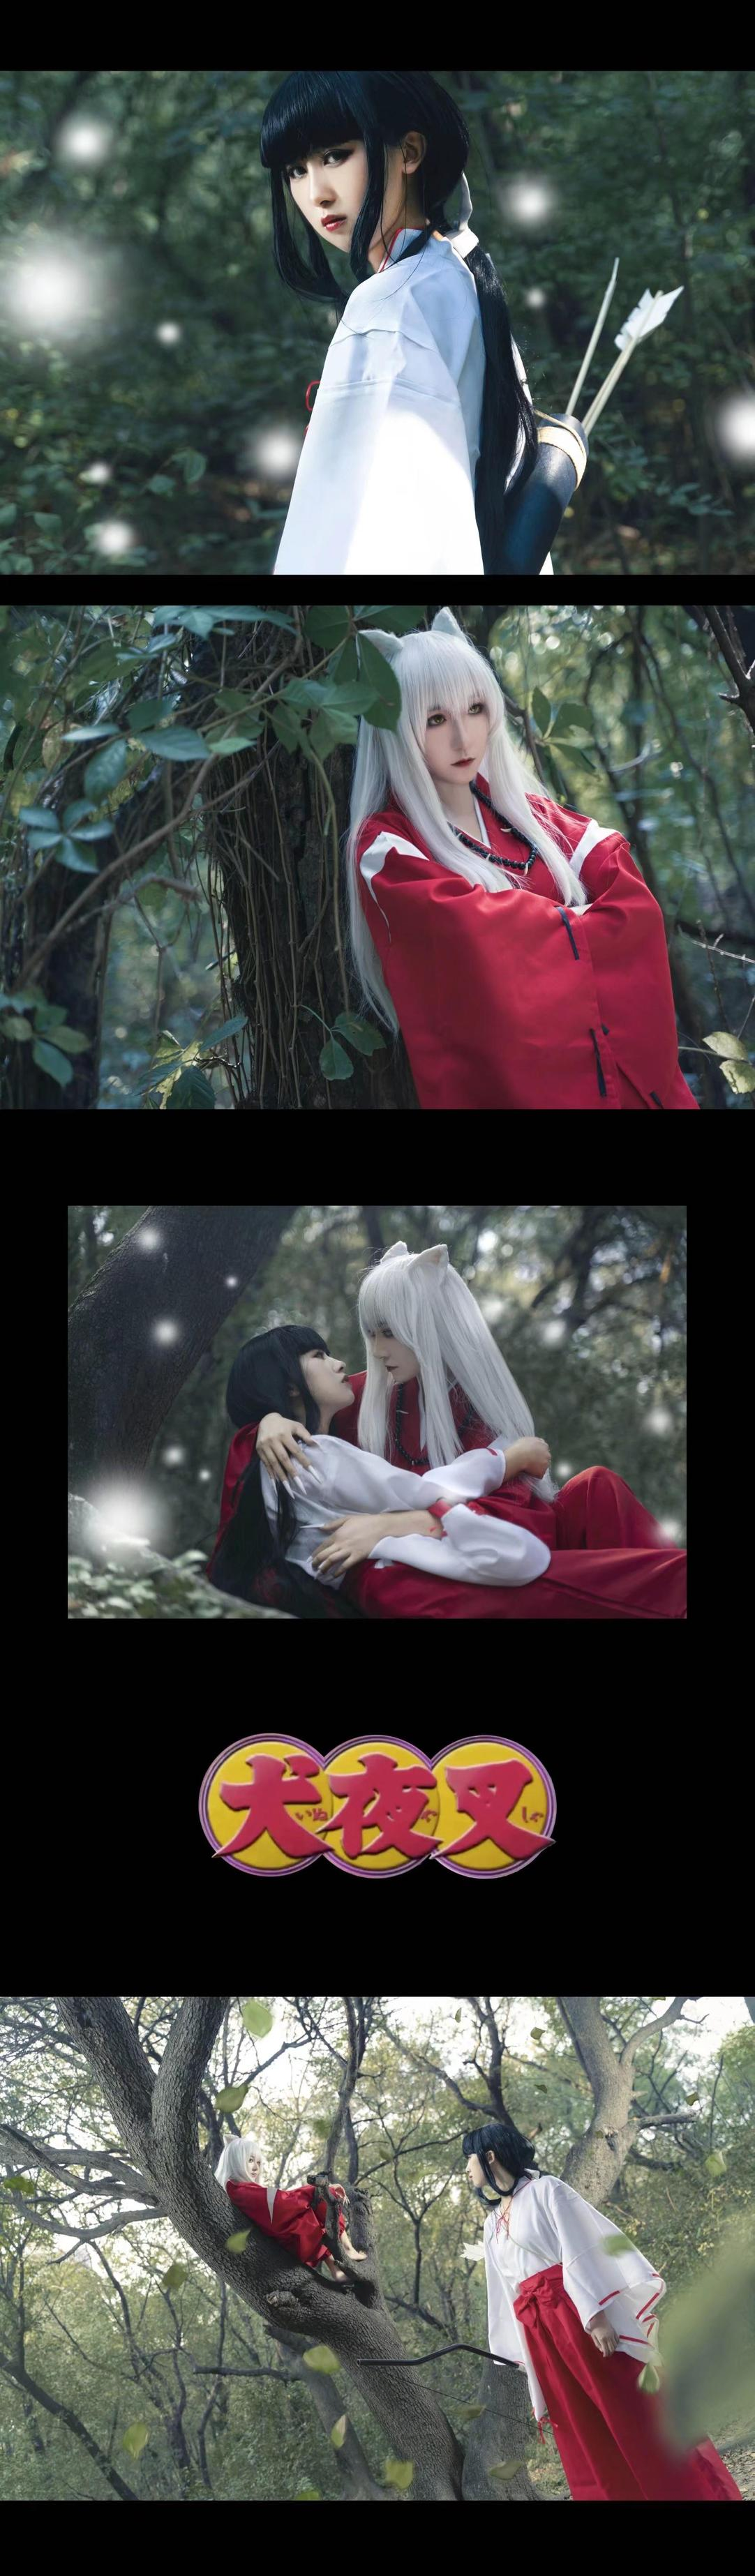 《犬夜叉》正片cosplay【CN:七月啊】-第3张